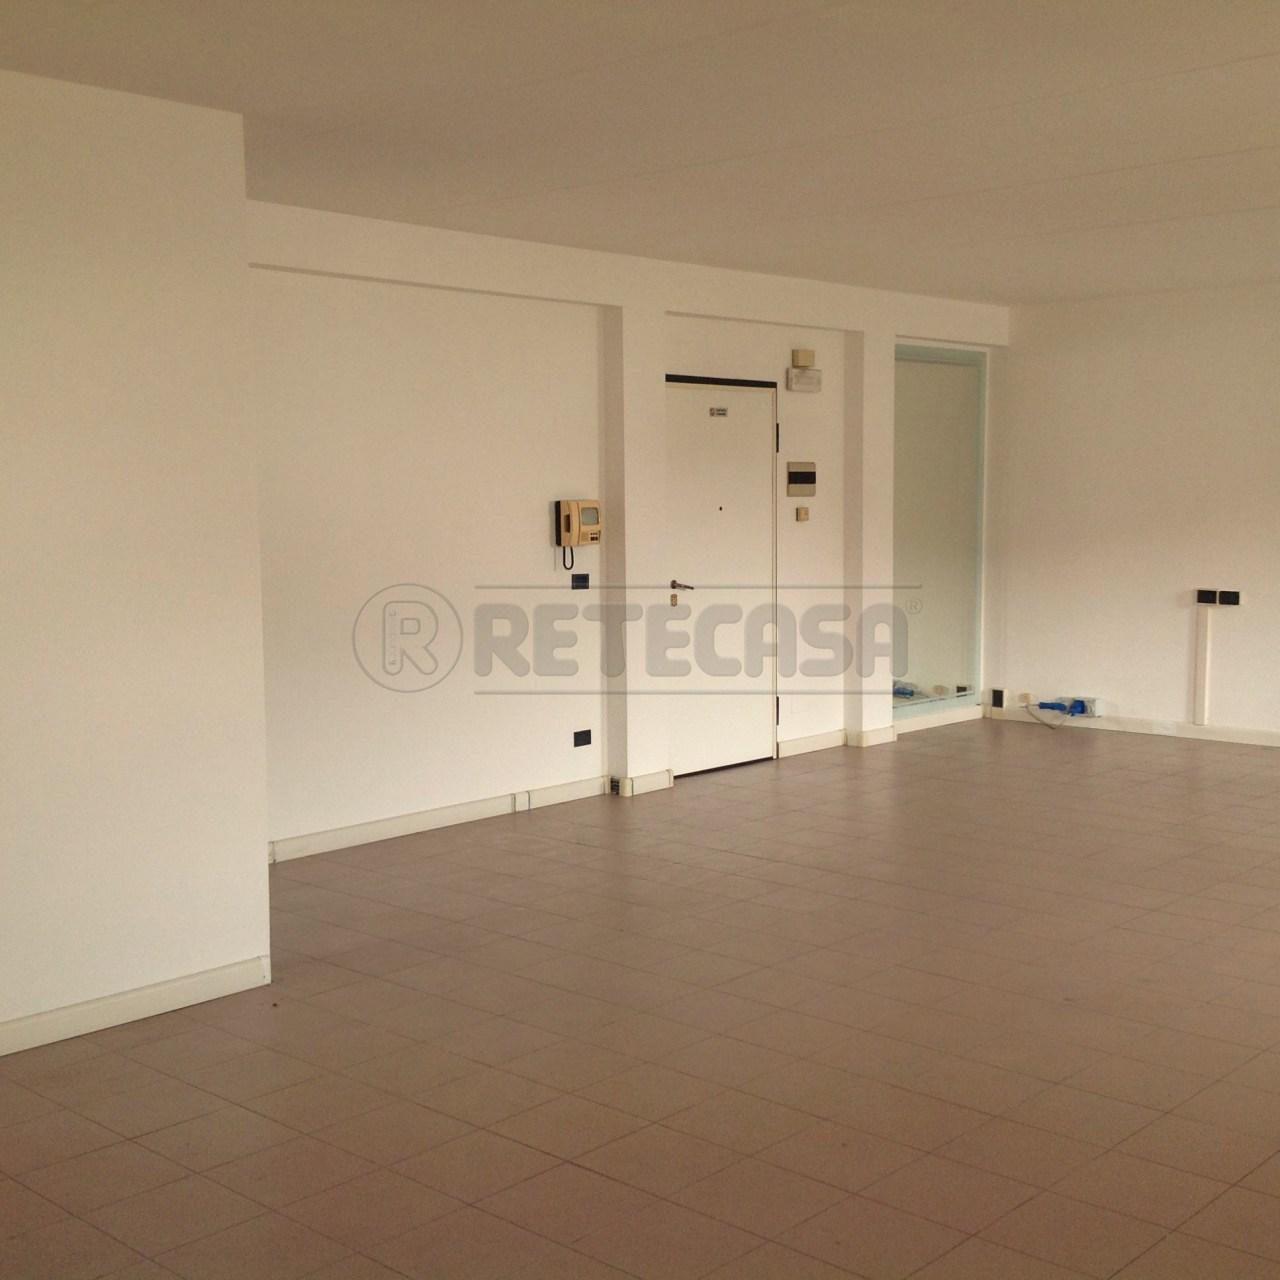 Laboratorio - Commerciale-Artigianale a MORTISE, Padova Rif. 10048737